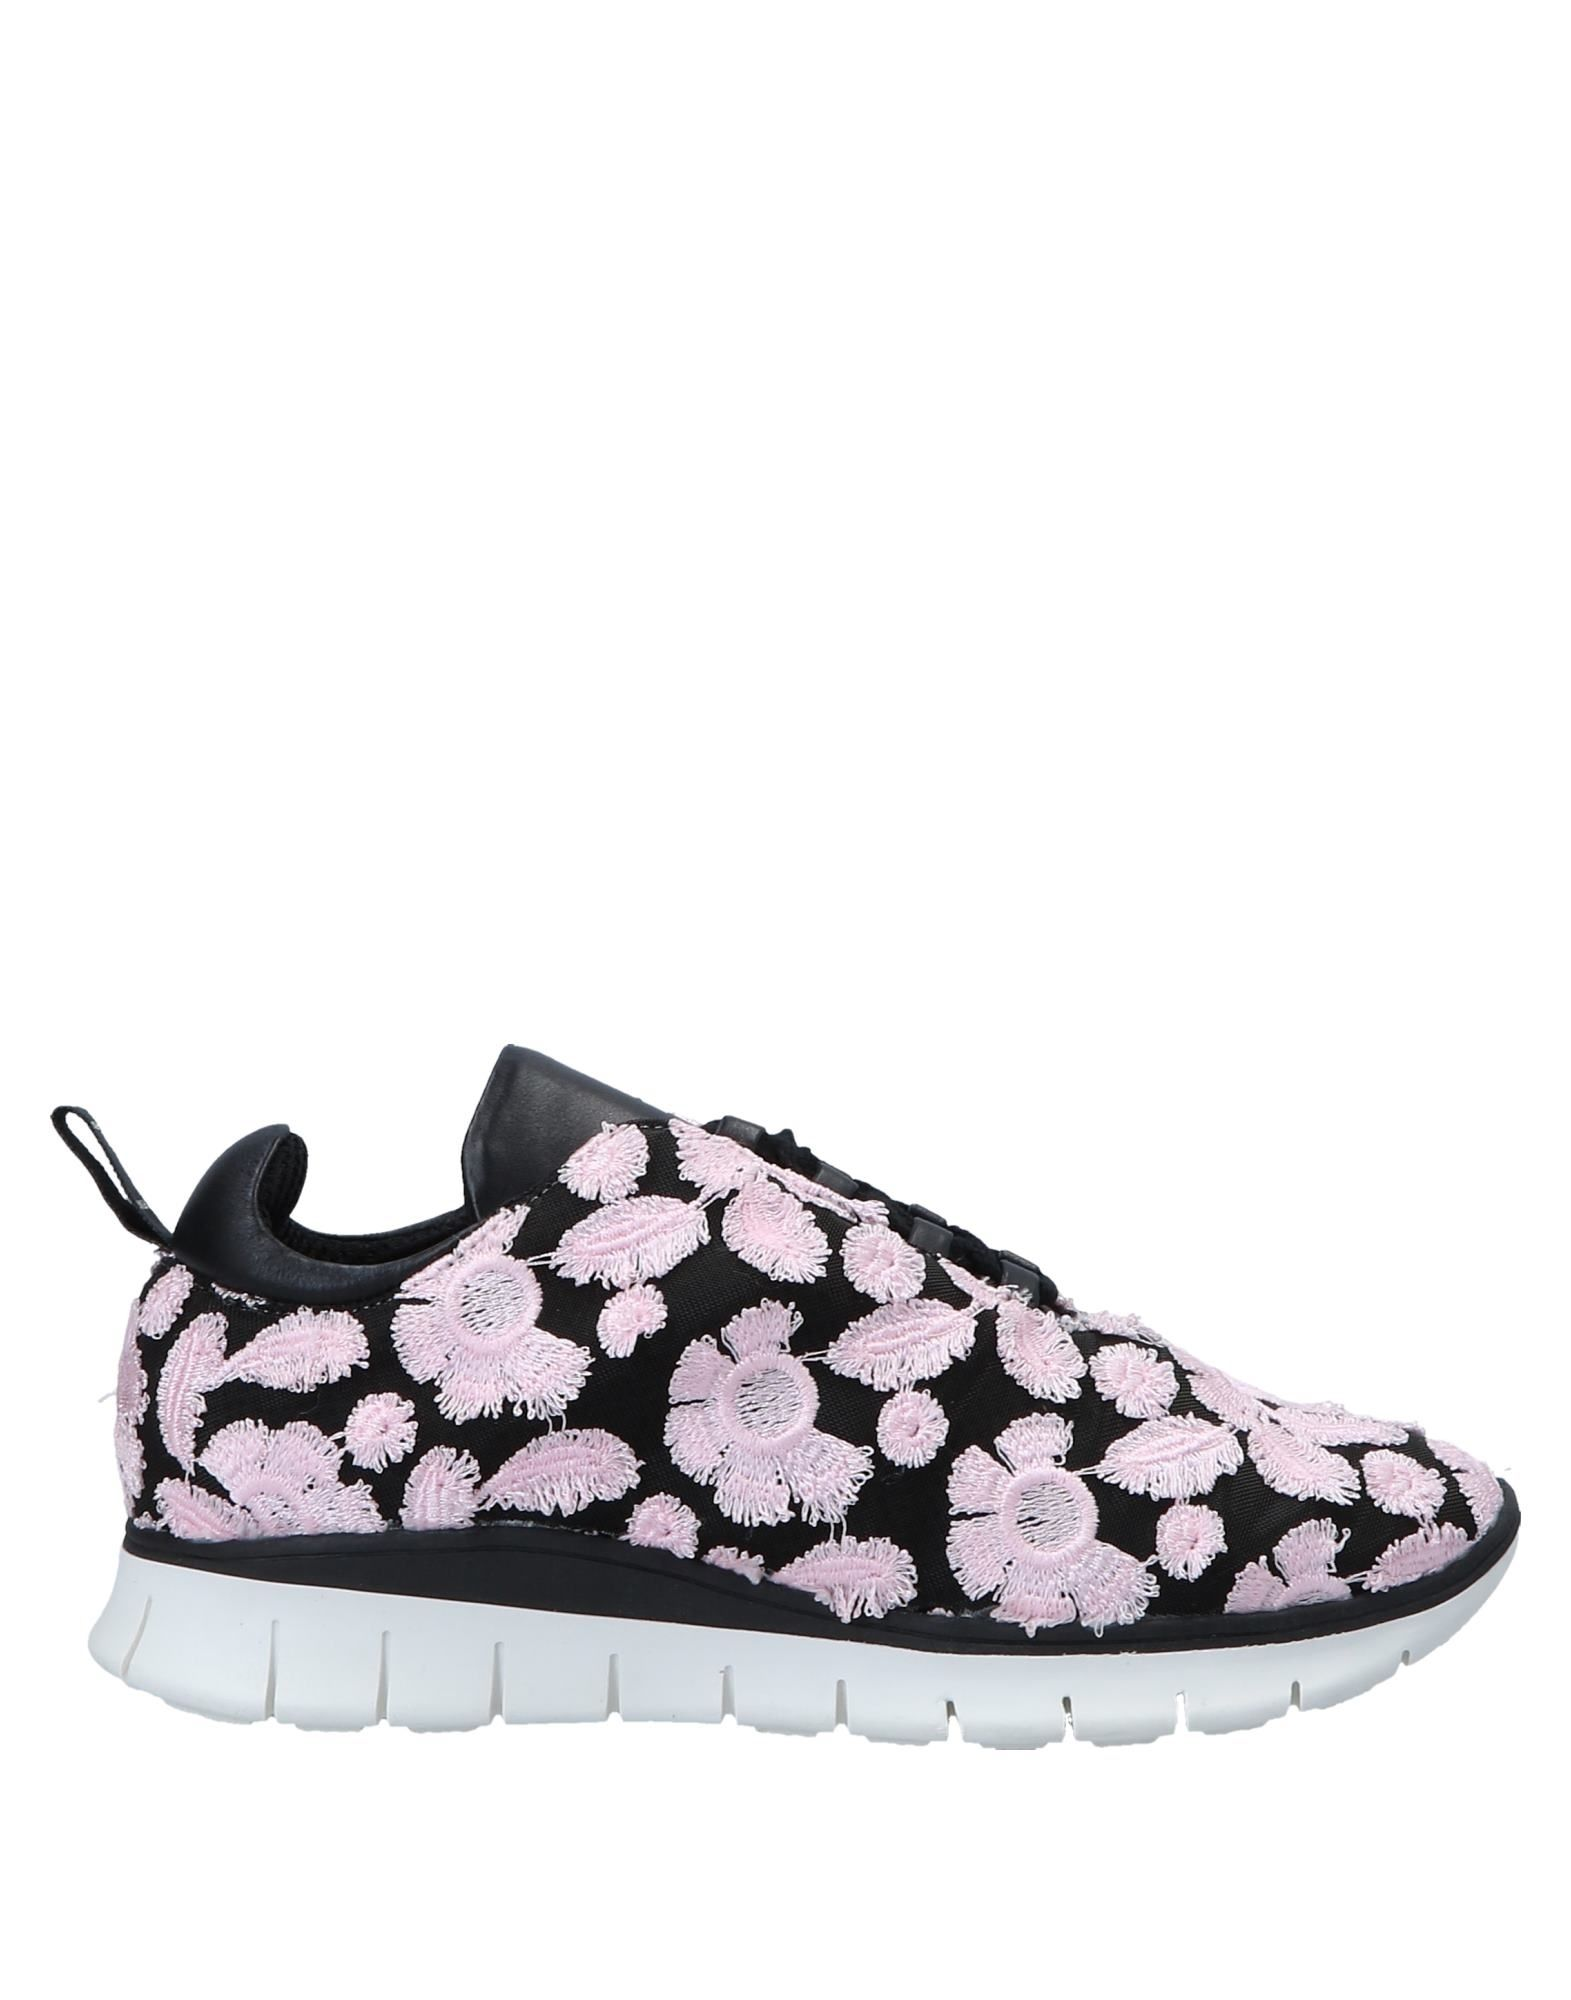 Negro Zapatillas rosado rosado rosado Mujer - Zapatillas rosado Zapatos casuales salvajes 186628